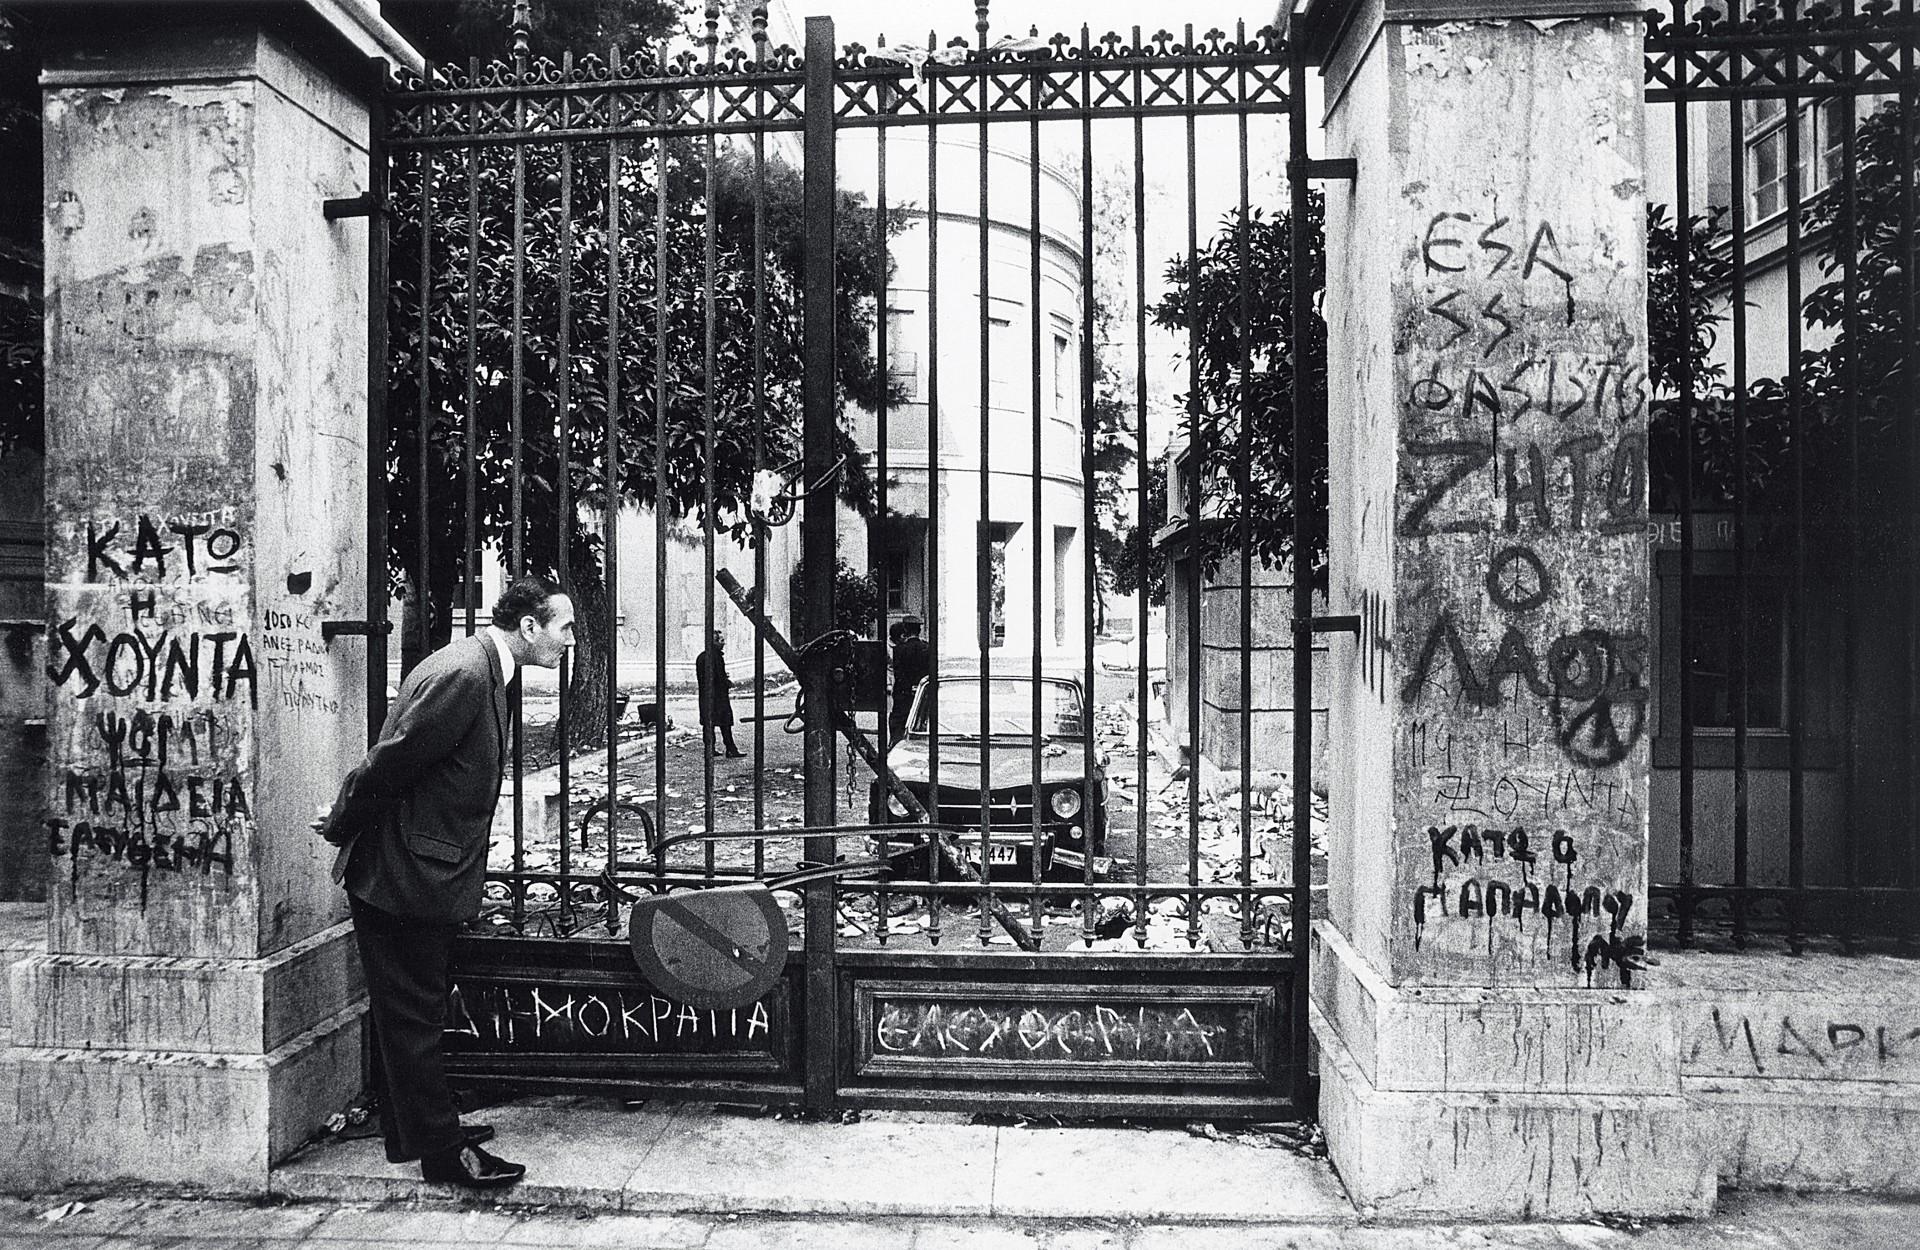 Il Politecnico di Atene, teatro tra il 14 e il 17 novembre 1973 della rivolta studentesca repressa con violenza dalle forze del regime. (Archivio Rcs)